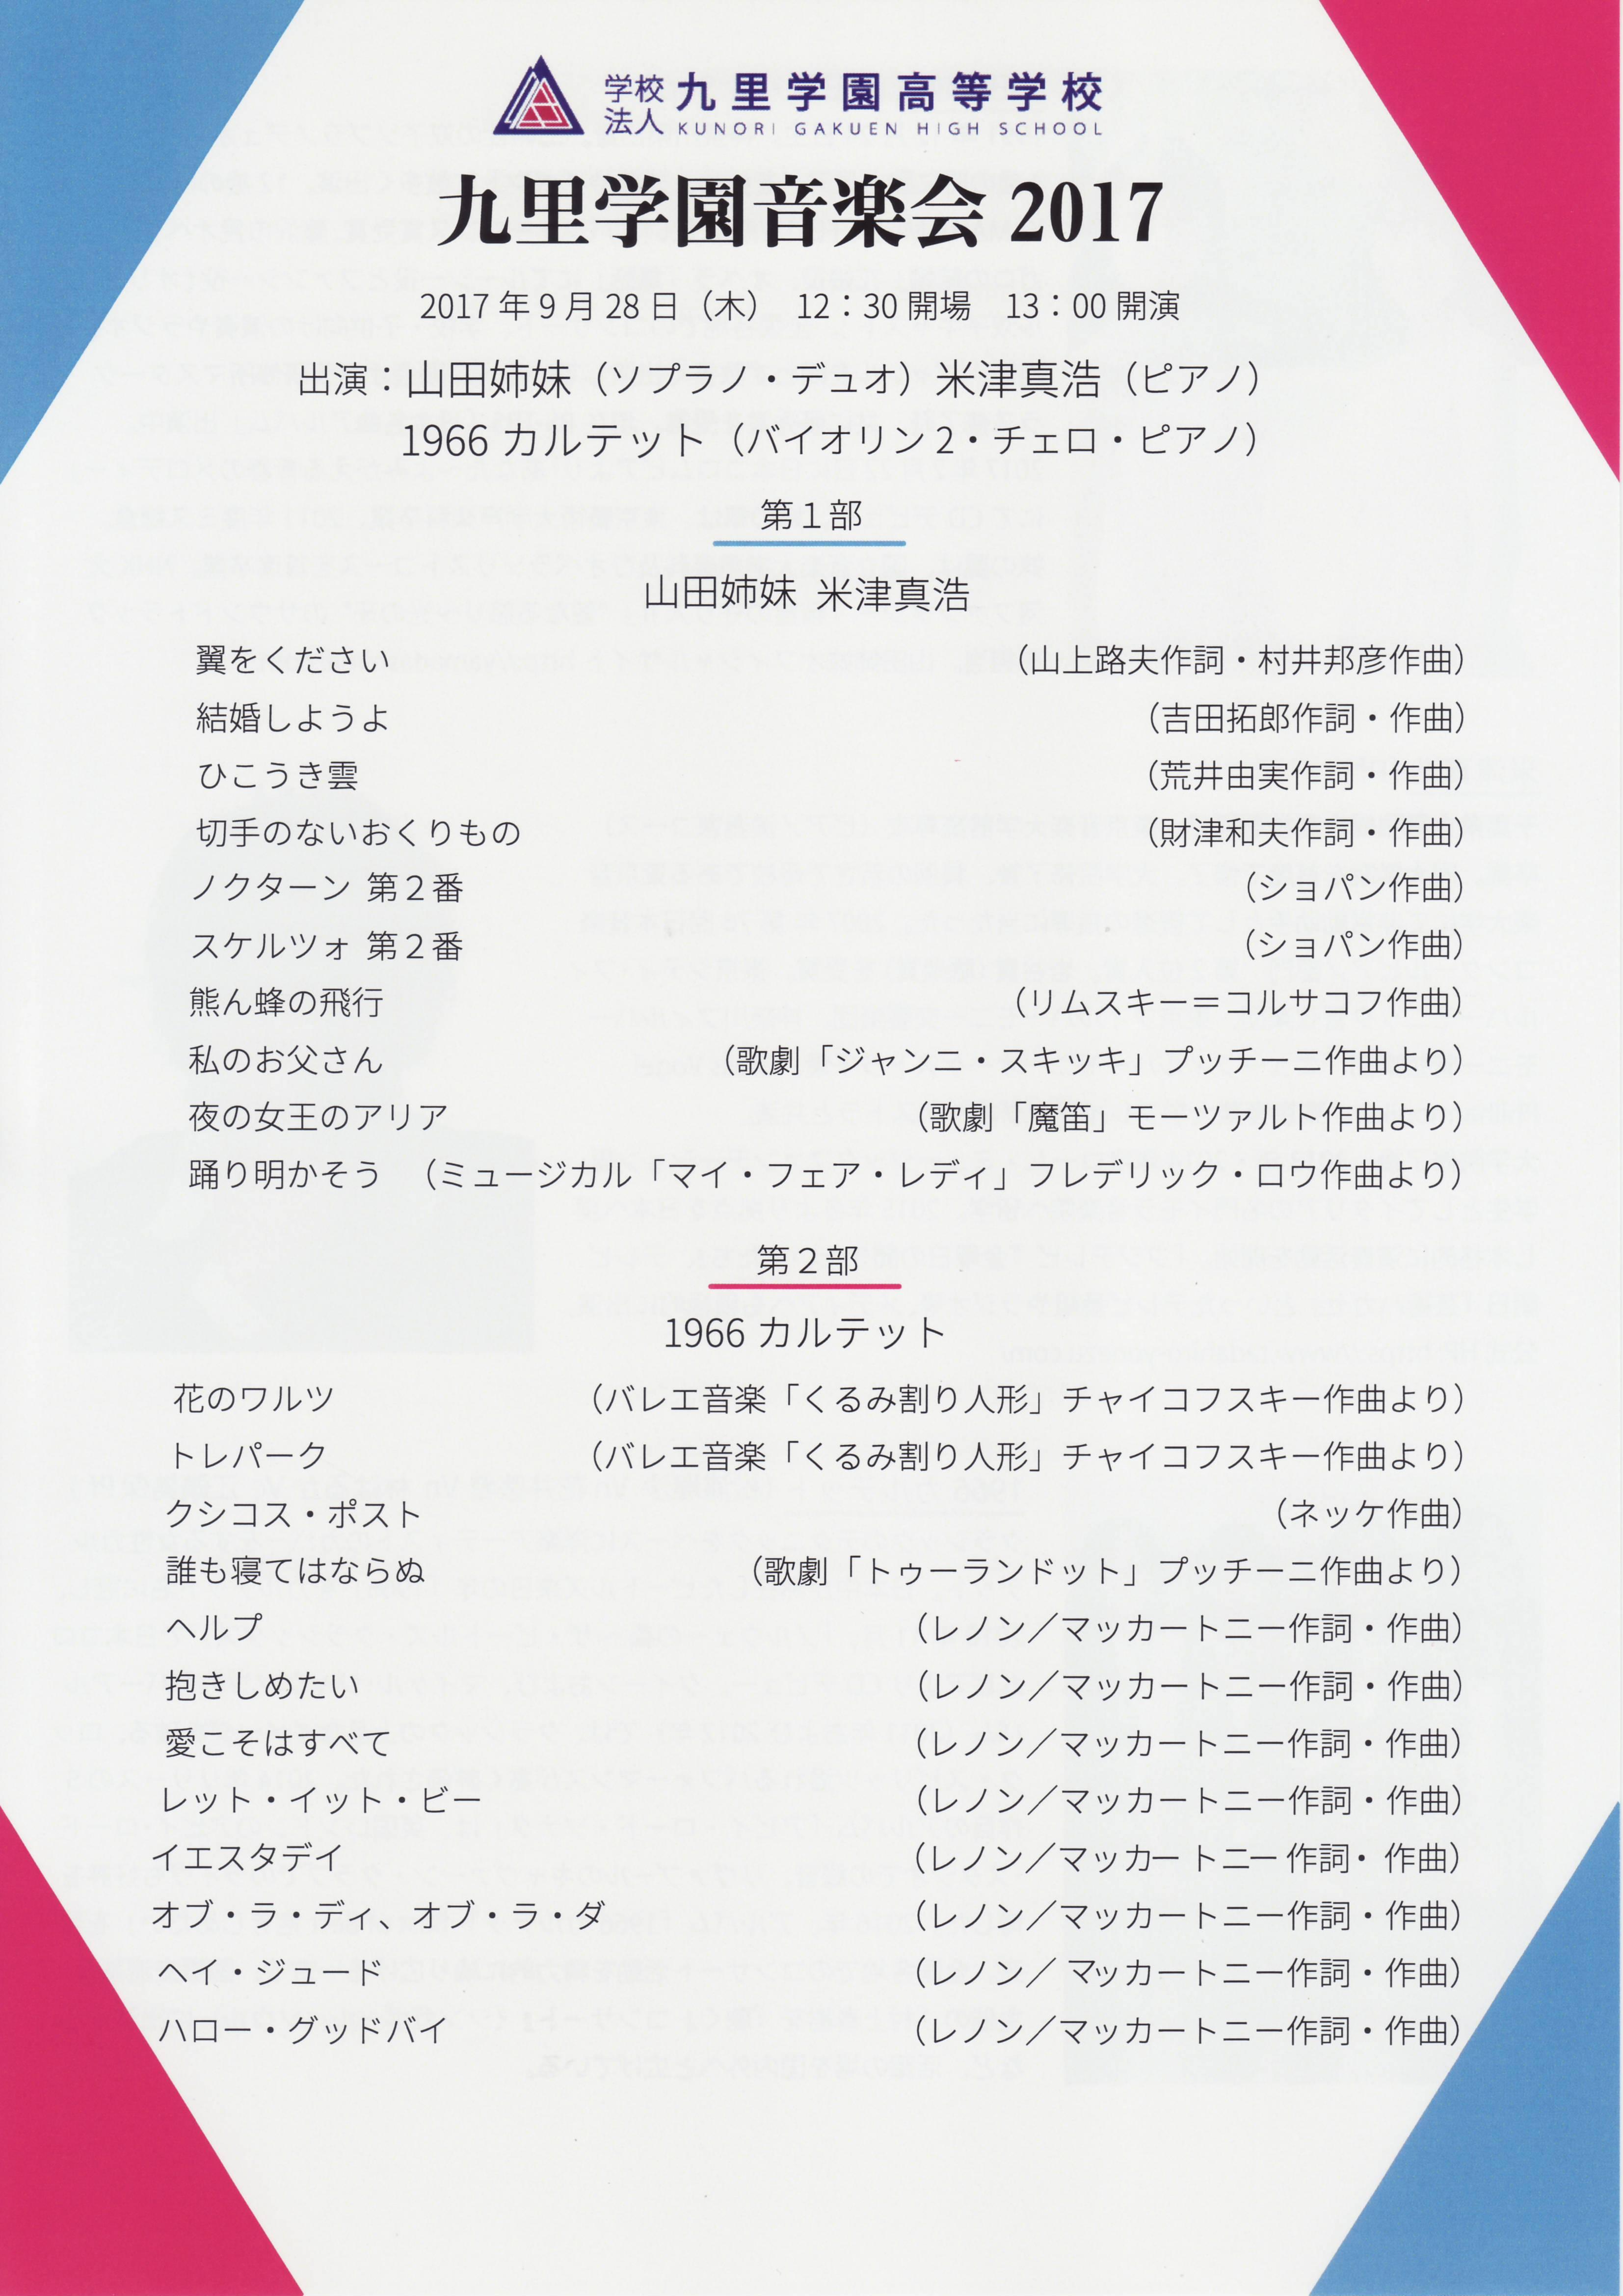 平成29年度 九里学園 音楽会のパンフレットです:画像